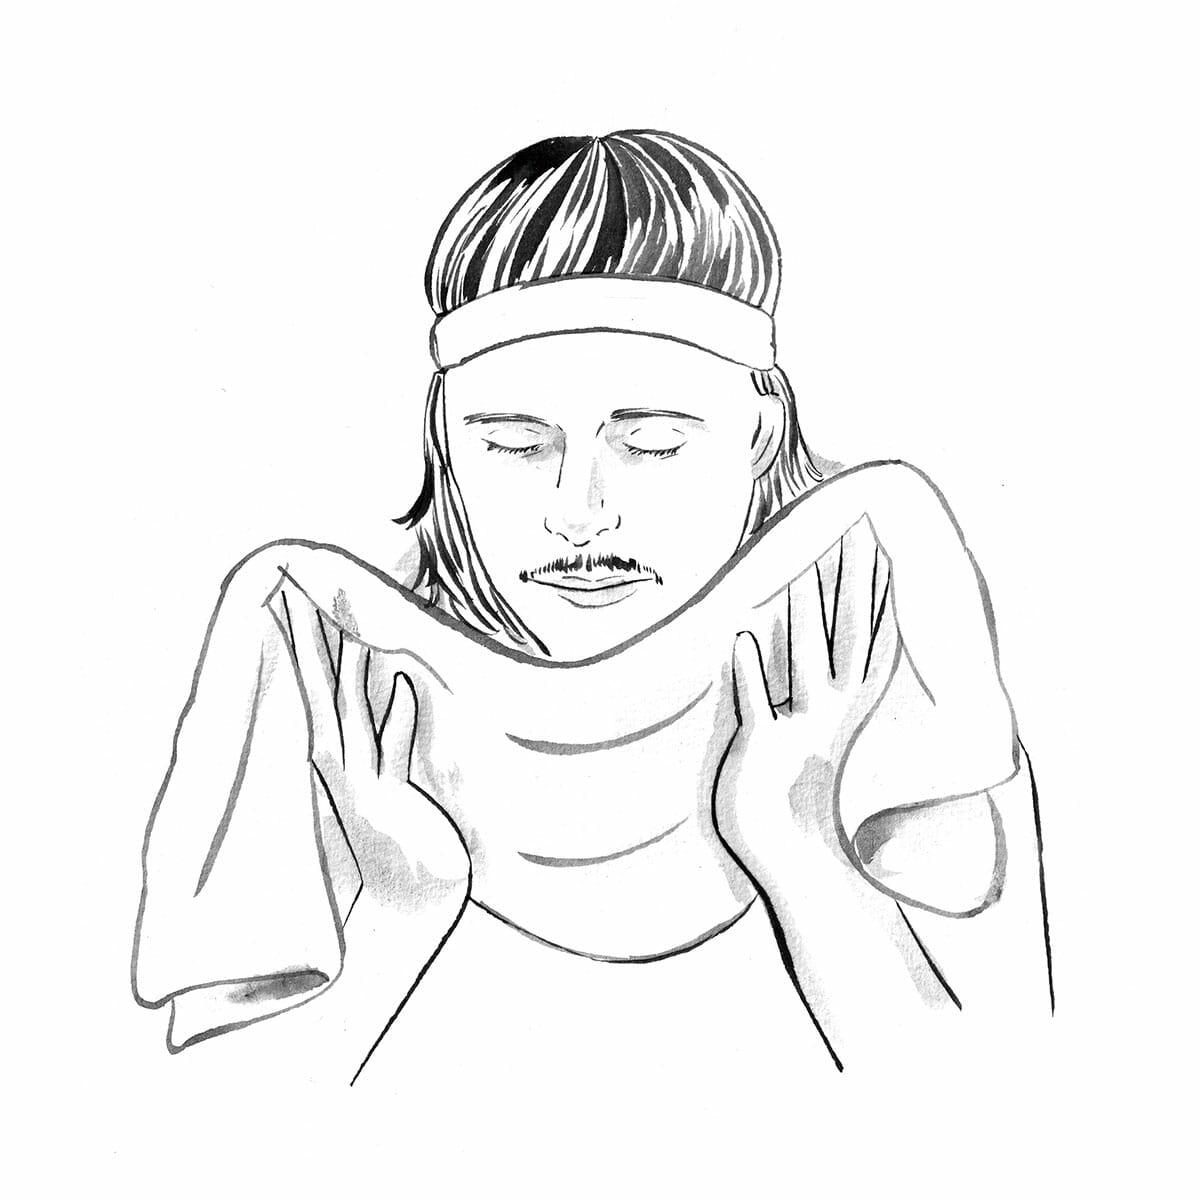 3.洗顔後の水分除去はタオルに委ねる。洗顔後は、顔に付着した泡をしっかりとすすぐこと。特に、髪の生え際やもみあげ、顎などは泡の落とし忘れが多いので要注意だ。そしてすすいだ後は、大きめのタオルを準備し、そこへ顔ごとダイブ!そうすれば、肌を摩擦することなく、水を吸い取るように拭き取ることができるのだ。